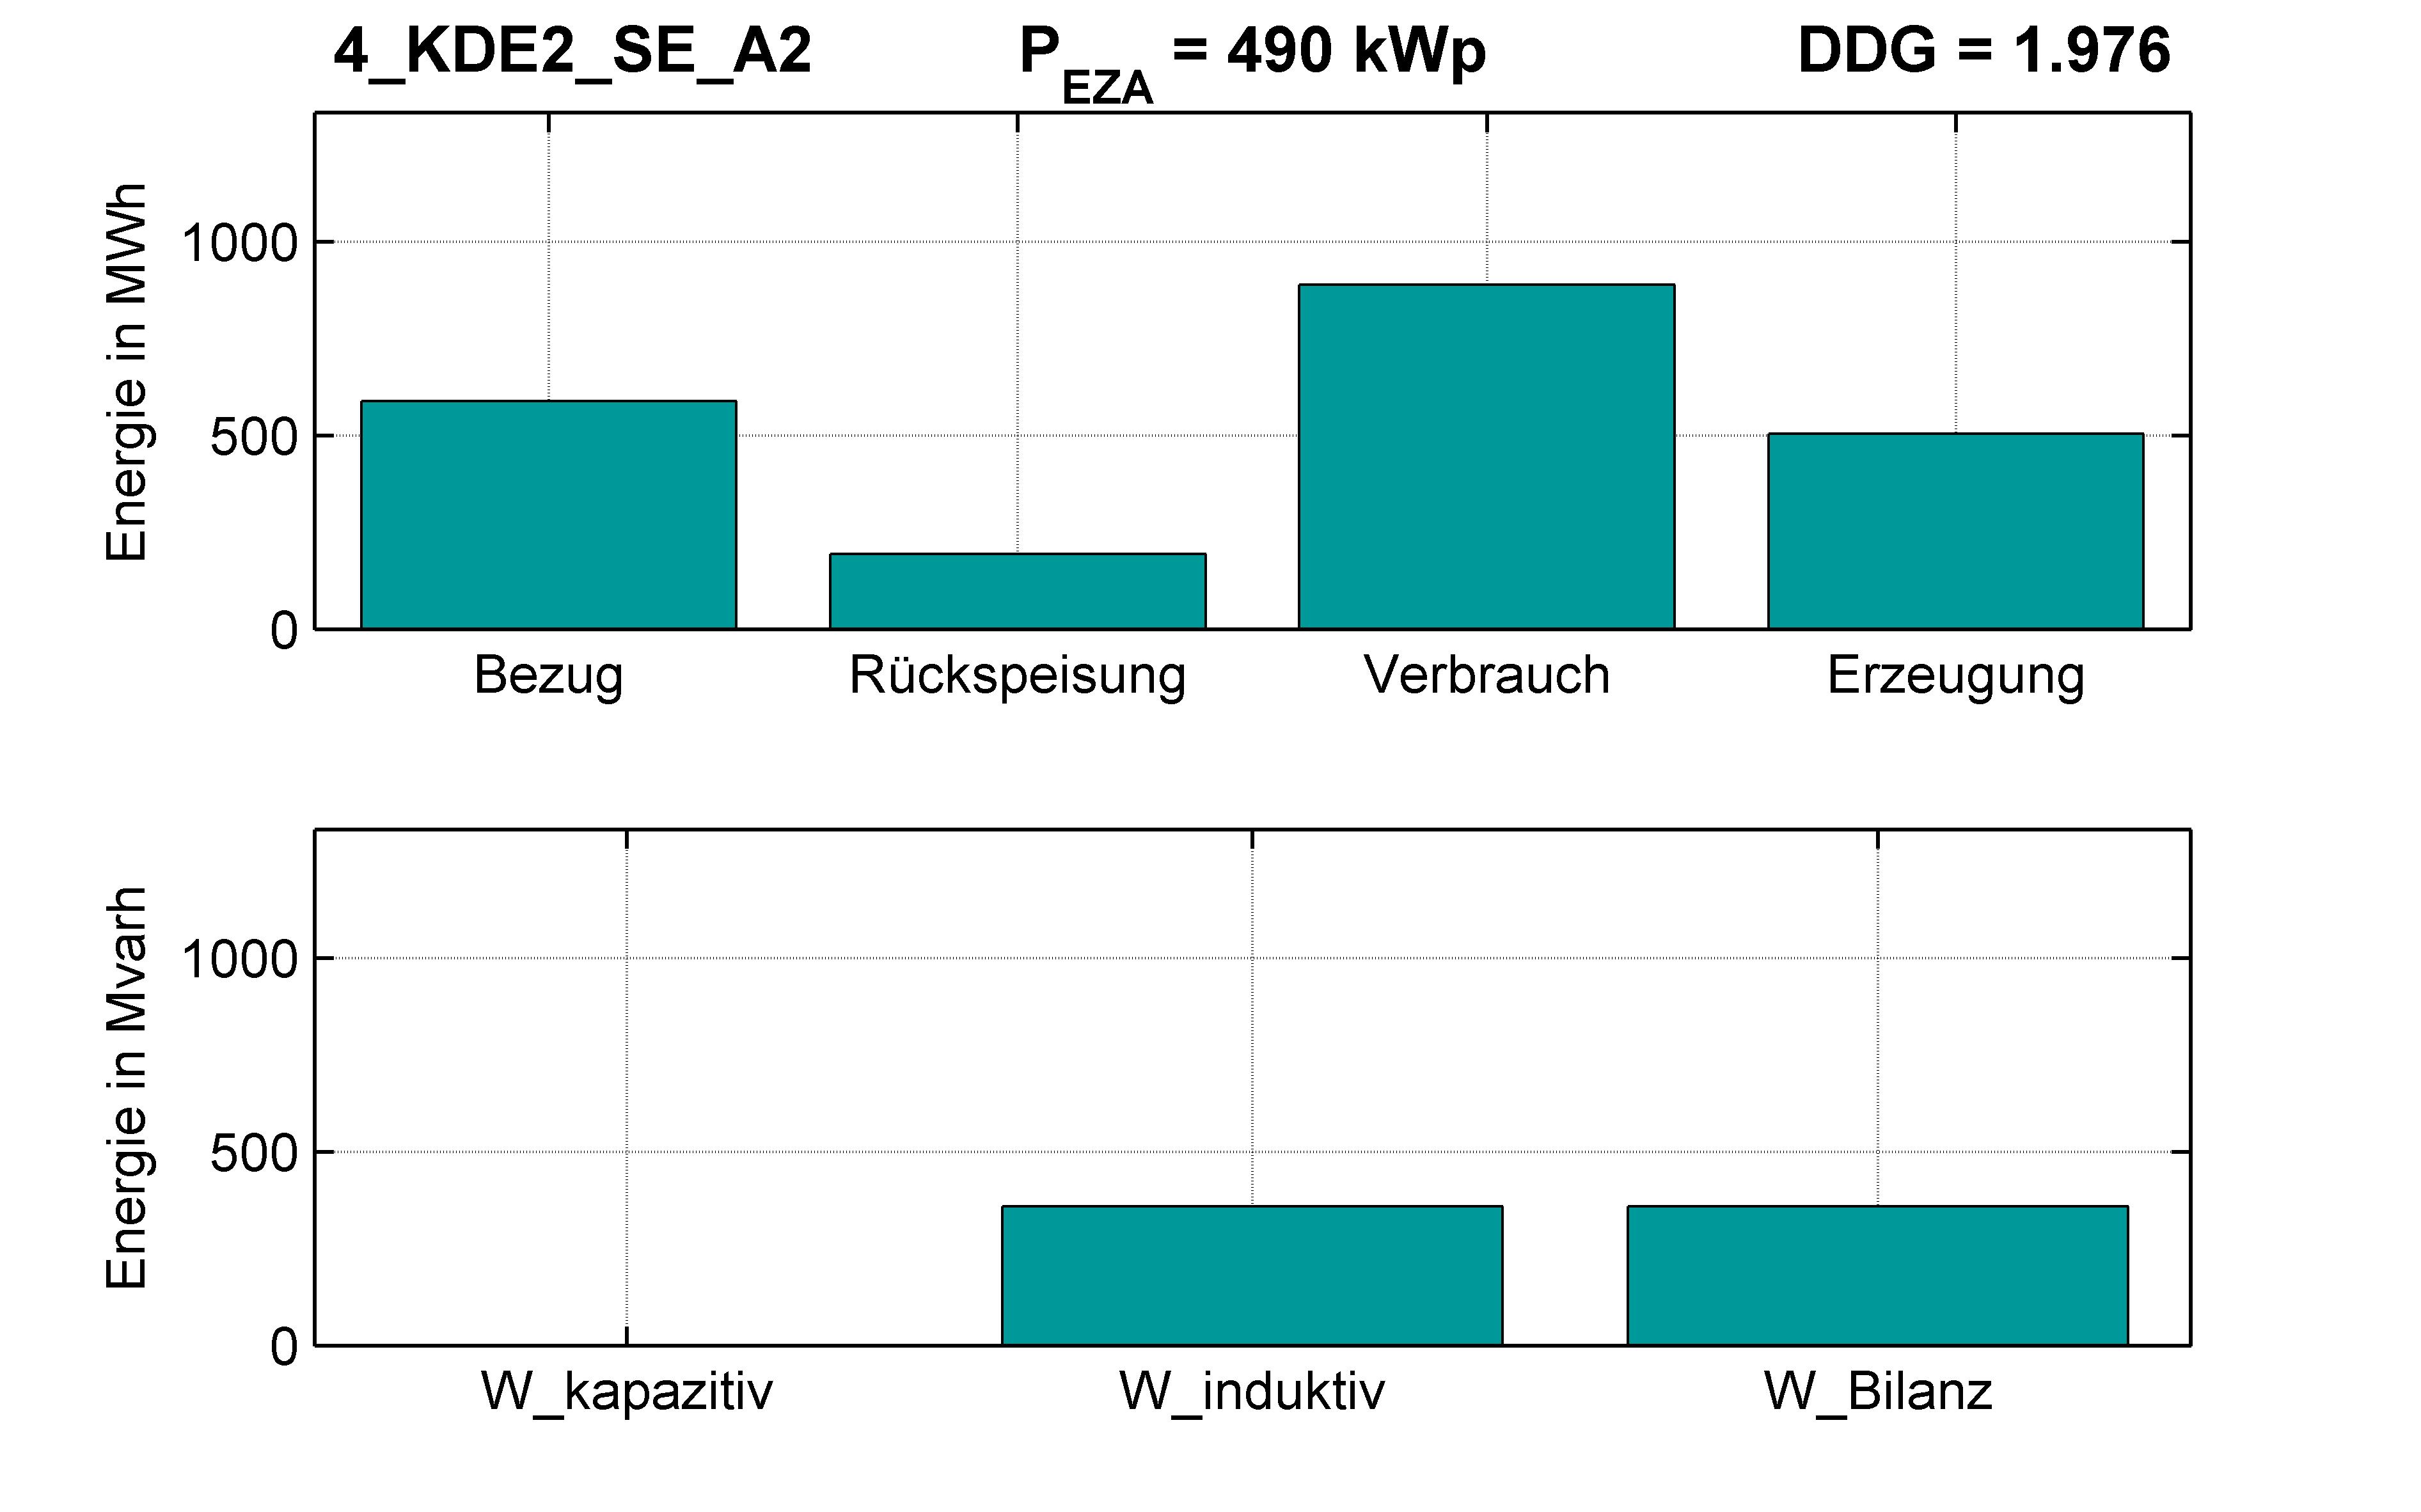 KDE2 | P-Kappung 55% (SE) A2 | PQ-Bilanz